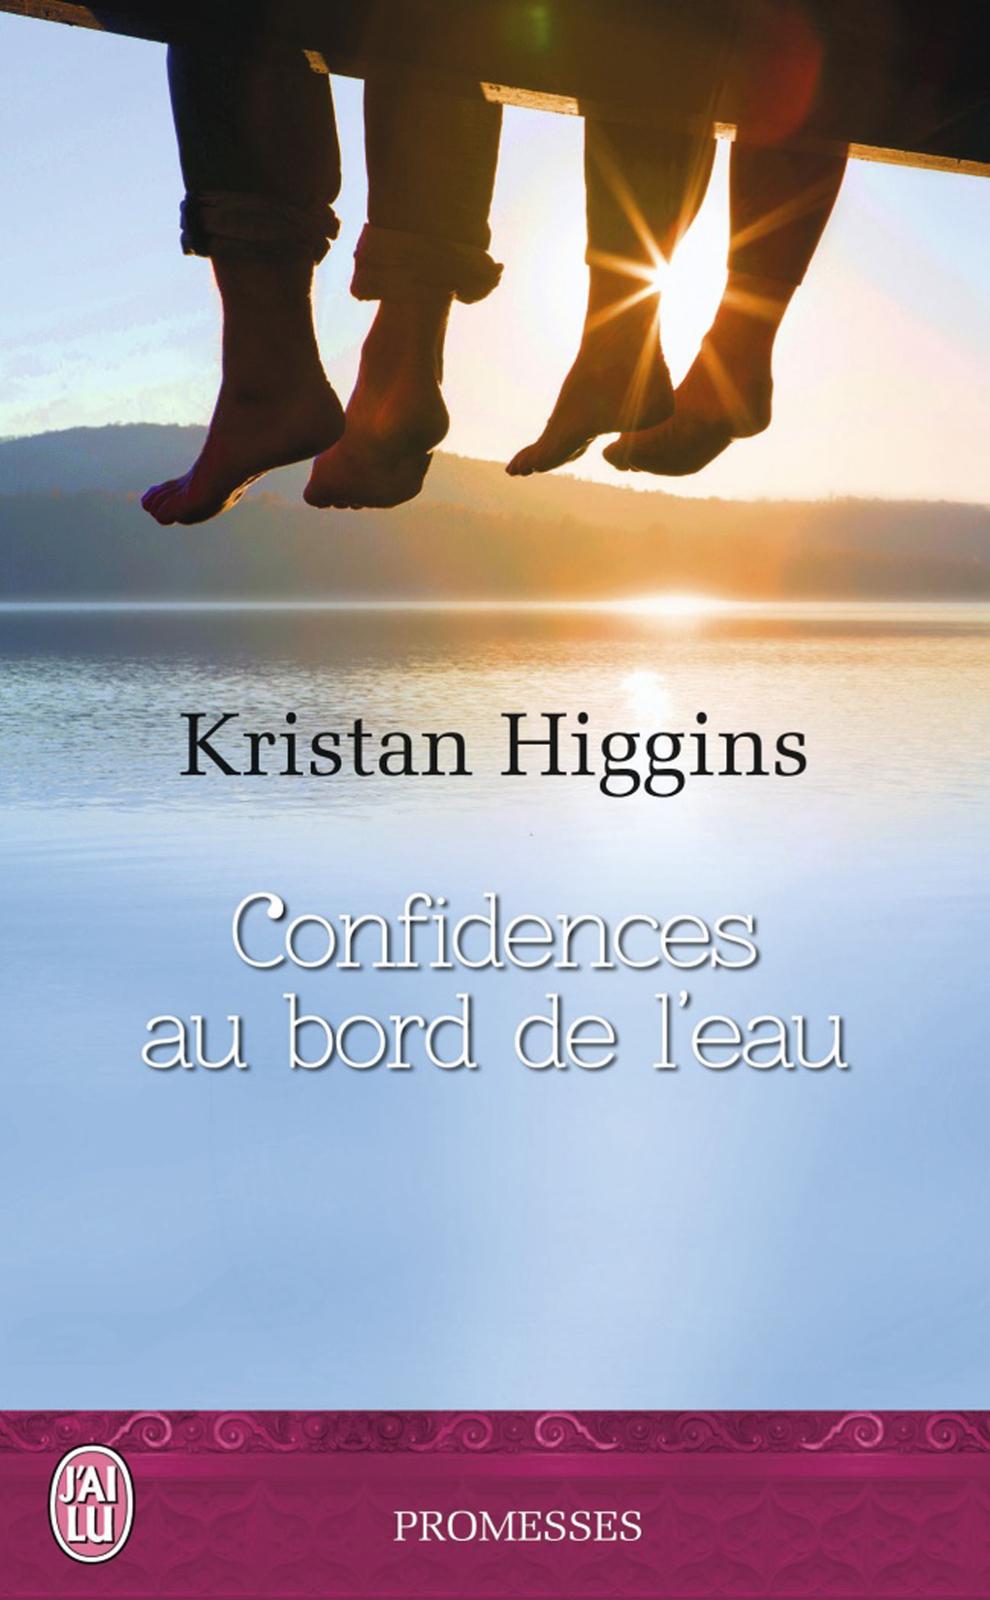 Confidences au bord de l'eau